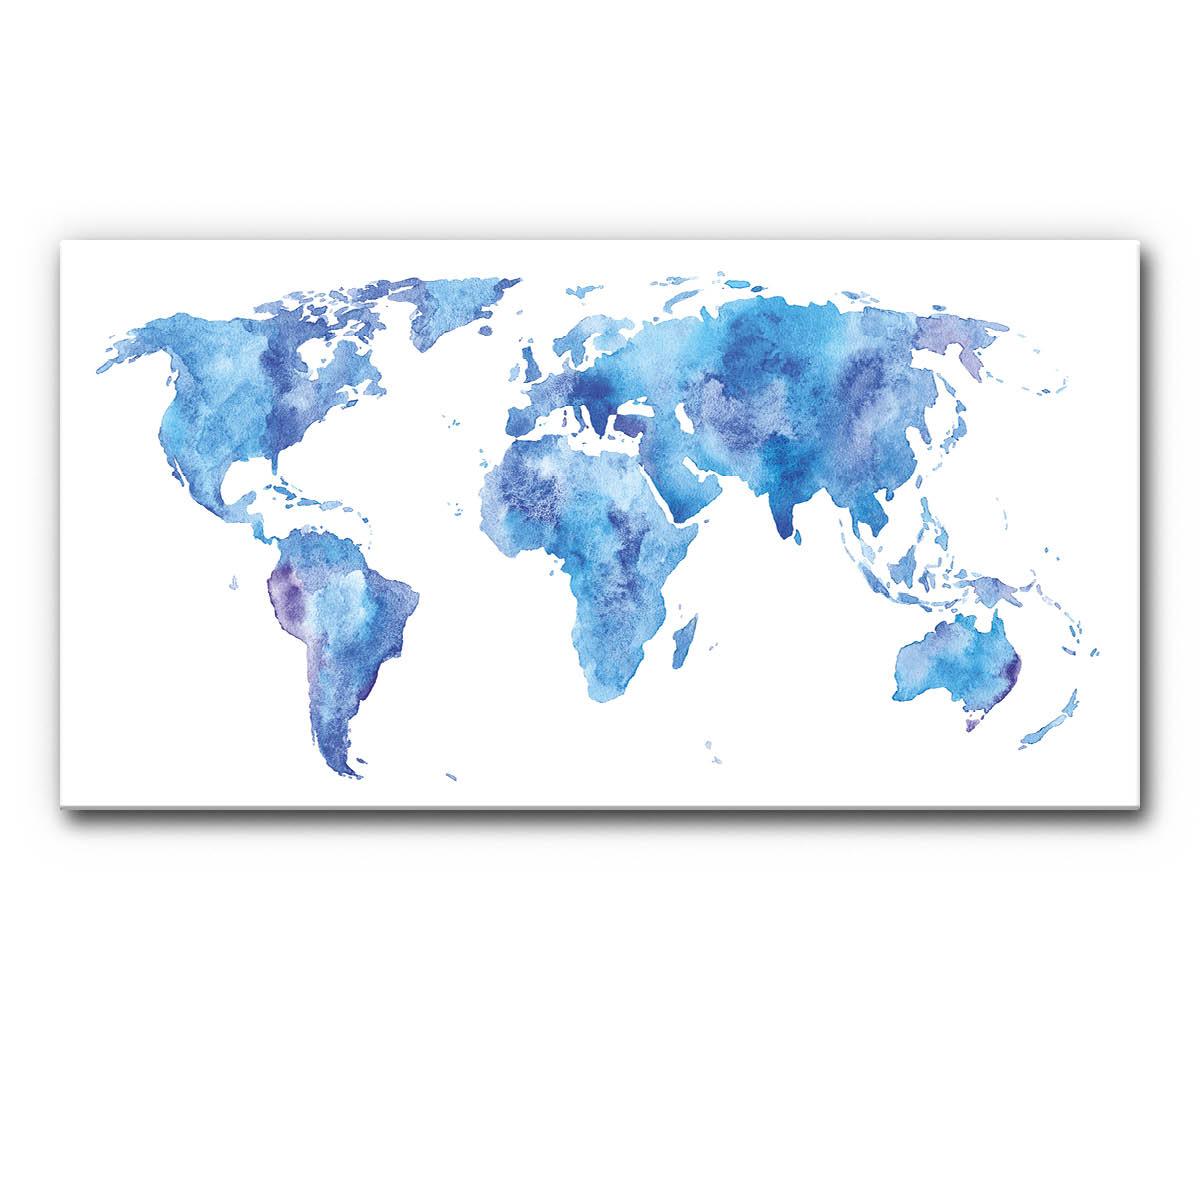 Schallschutzbild (Akustikbild) mit Weltkarte Malerei